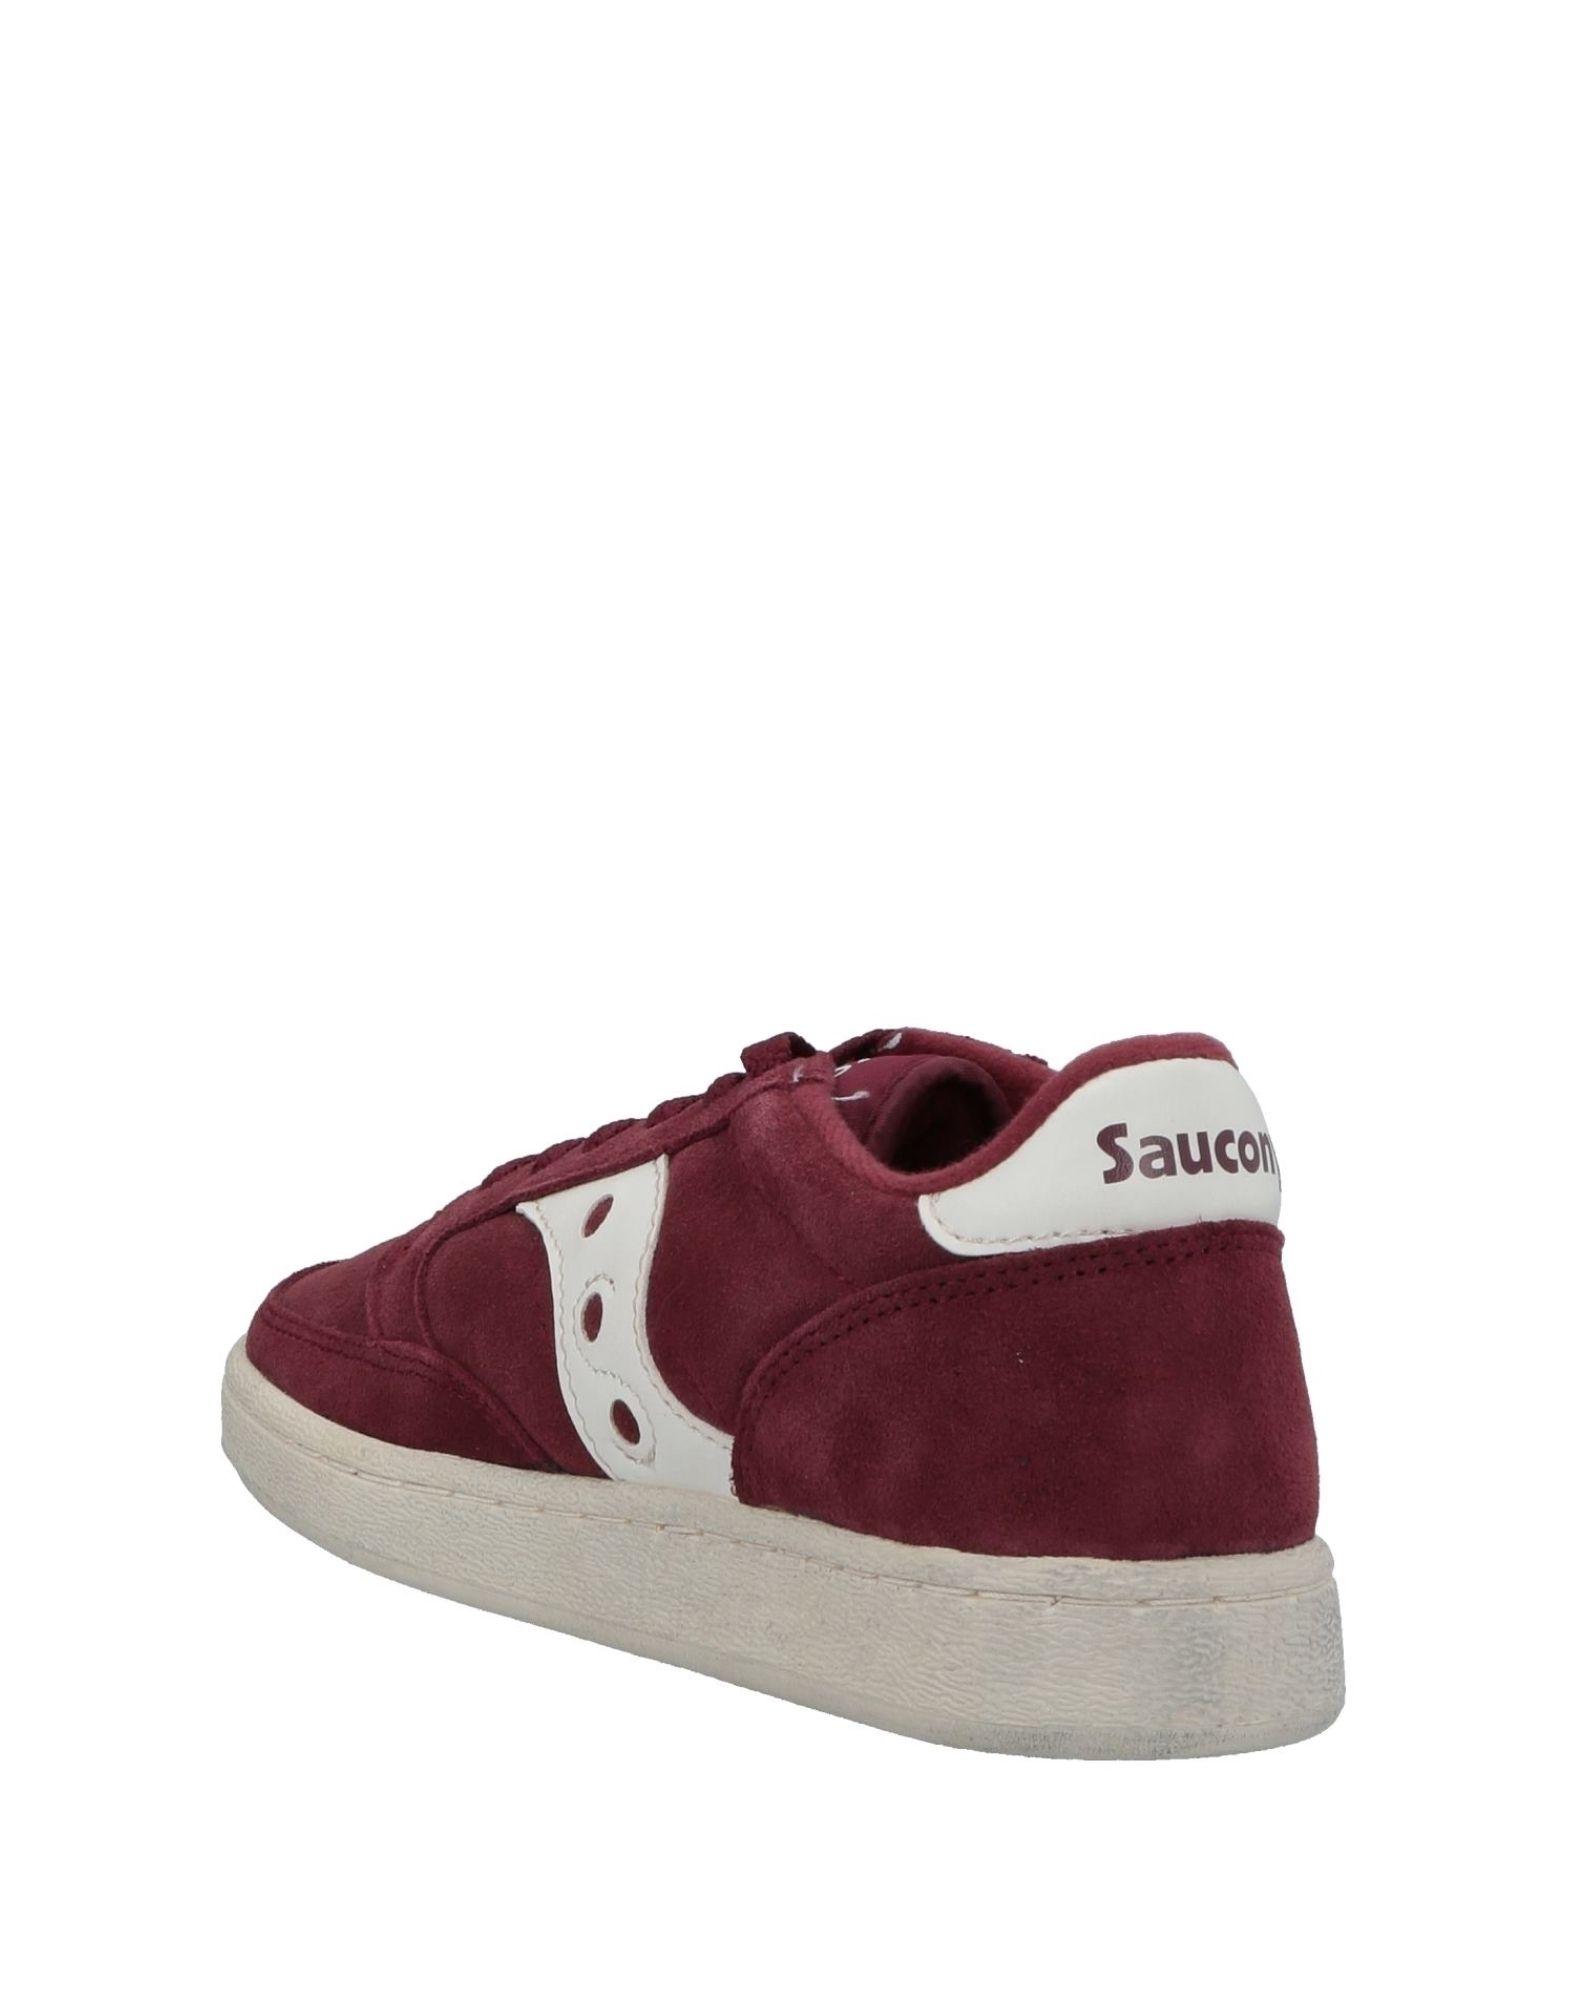 Saucony Herren Sneakers Herren Saucony Gutes Preis-Leistungs-Verhältnis, es lohnt sich f5532f